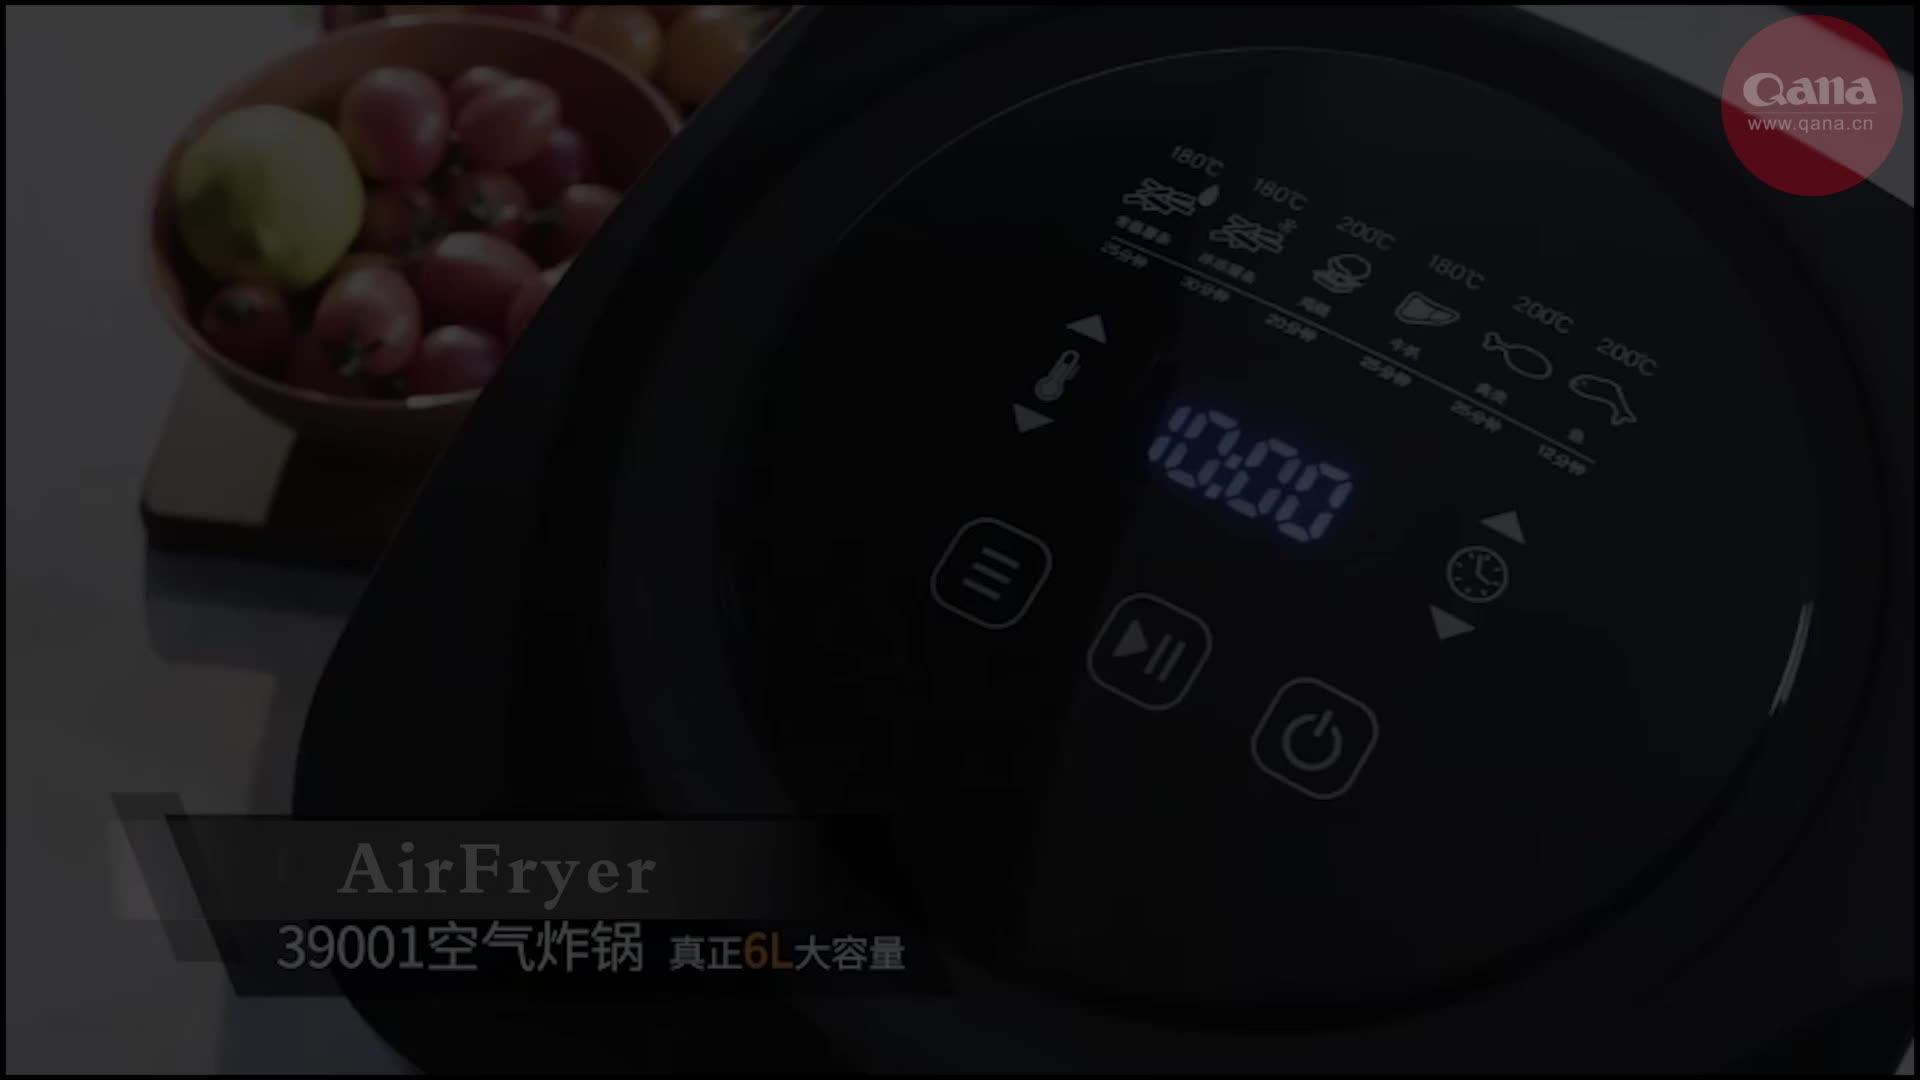 2020 QANA toptan yapışmaz pişirme yüzey dijital elektrik kontrol yağsız hava fritöz